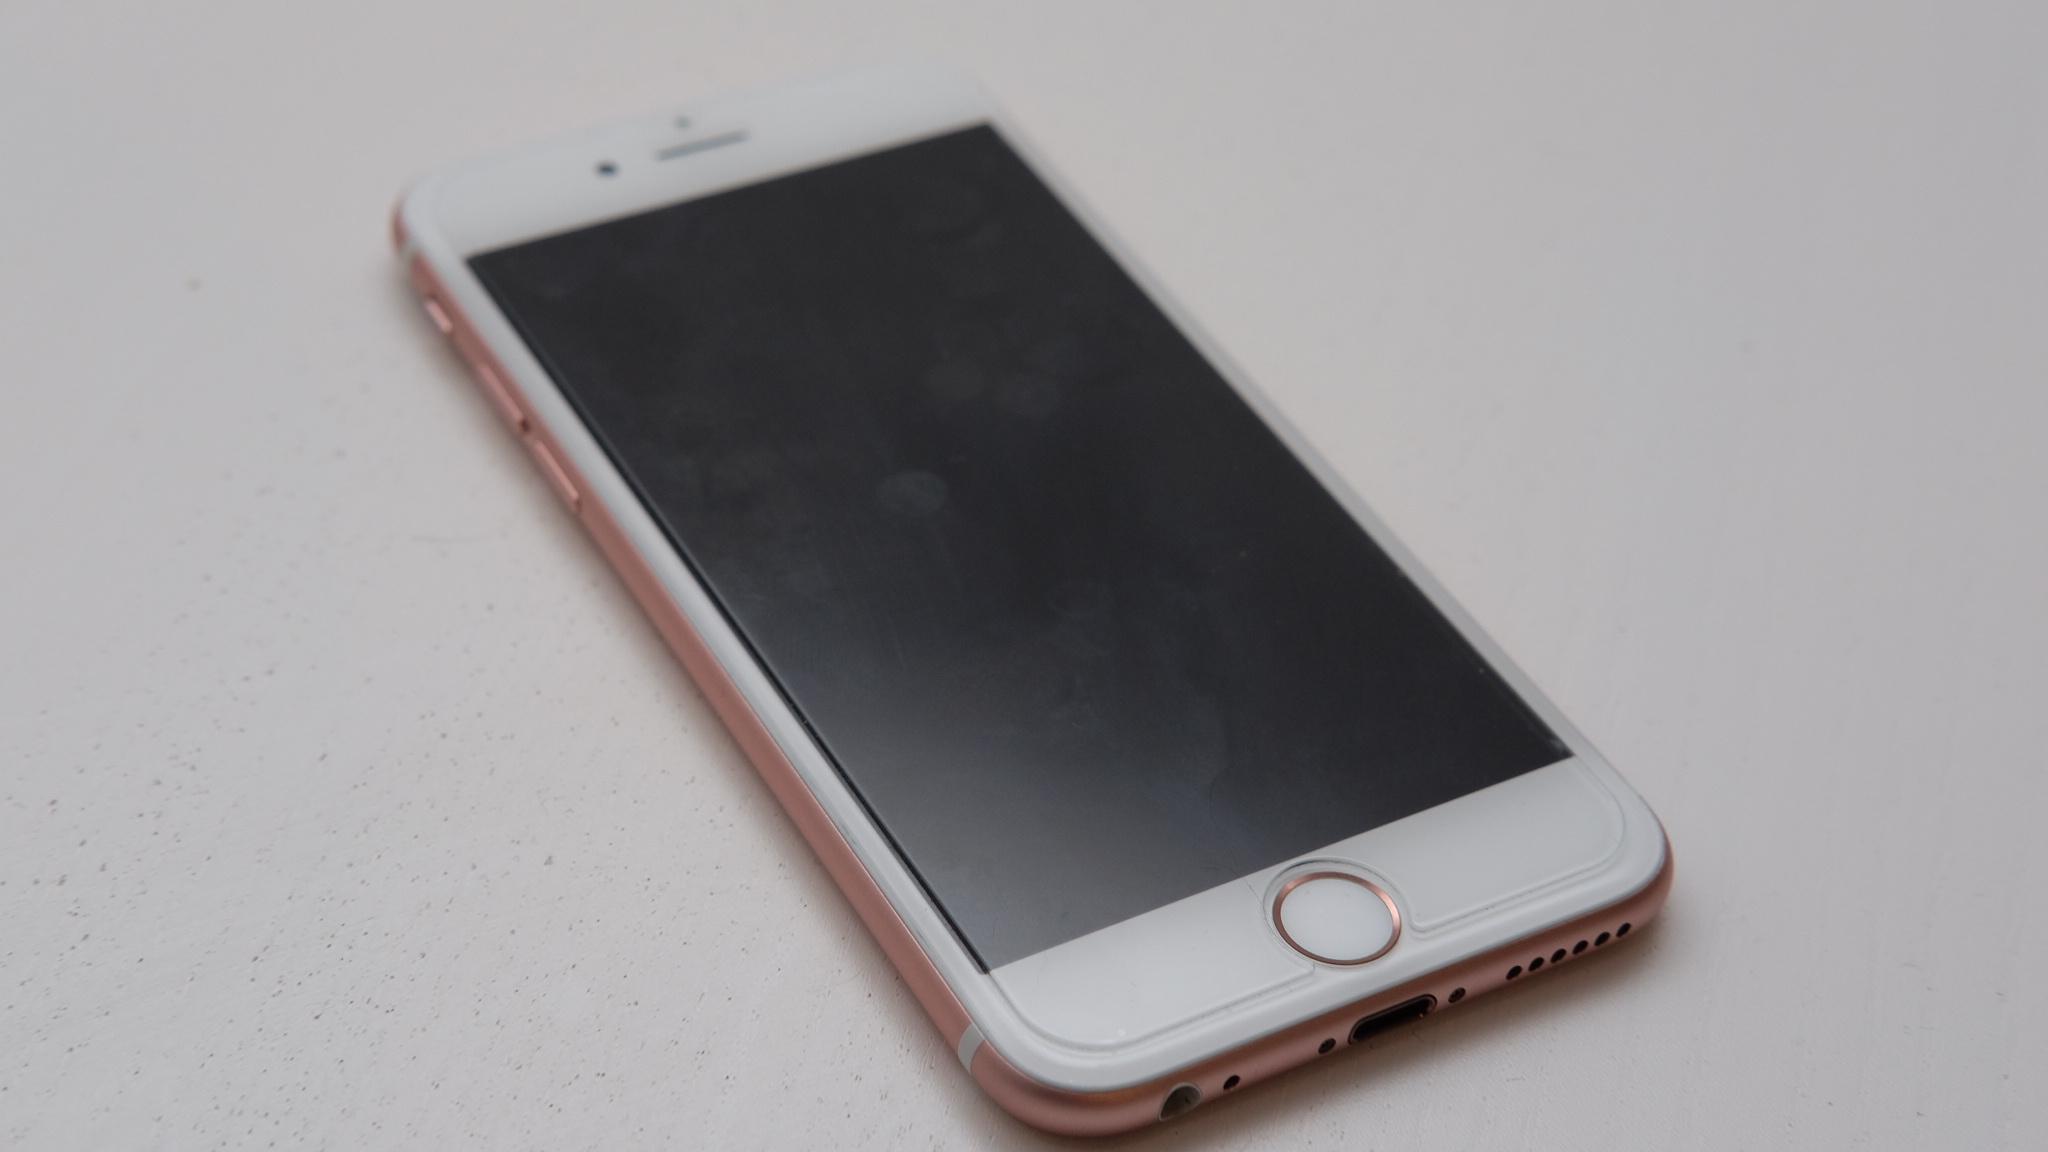 Denne gangen var det Apple iPhone 6s som trakk det lengste strået og får være med på tur.